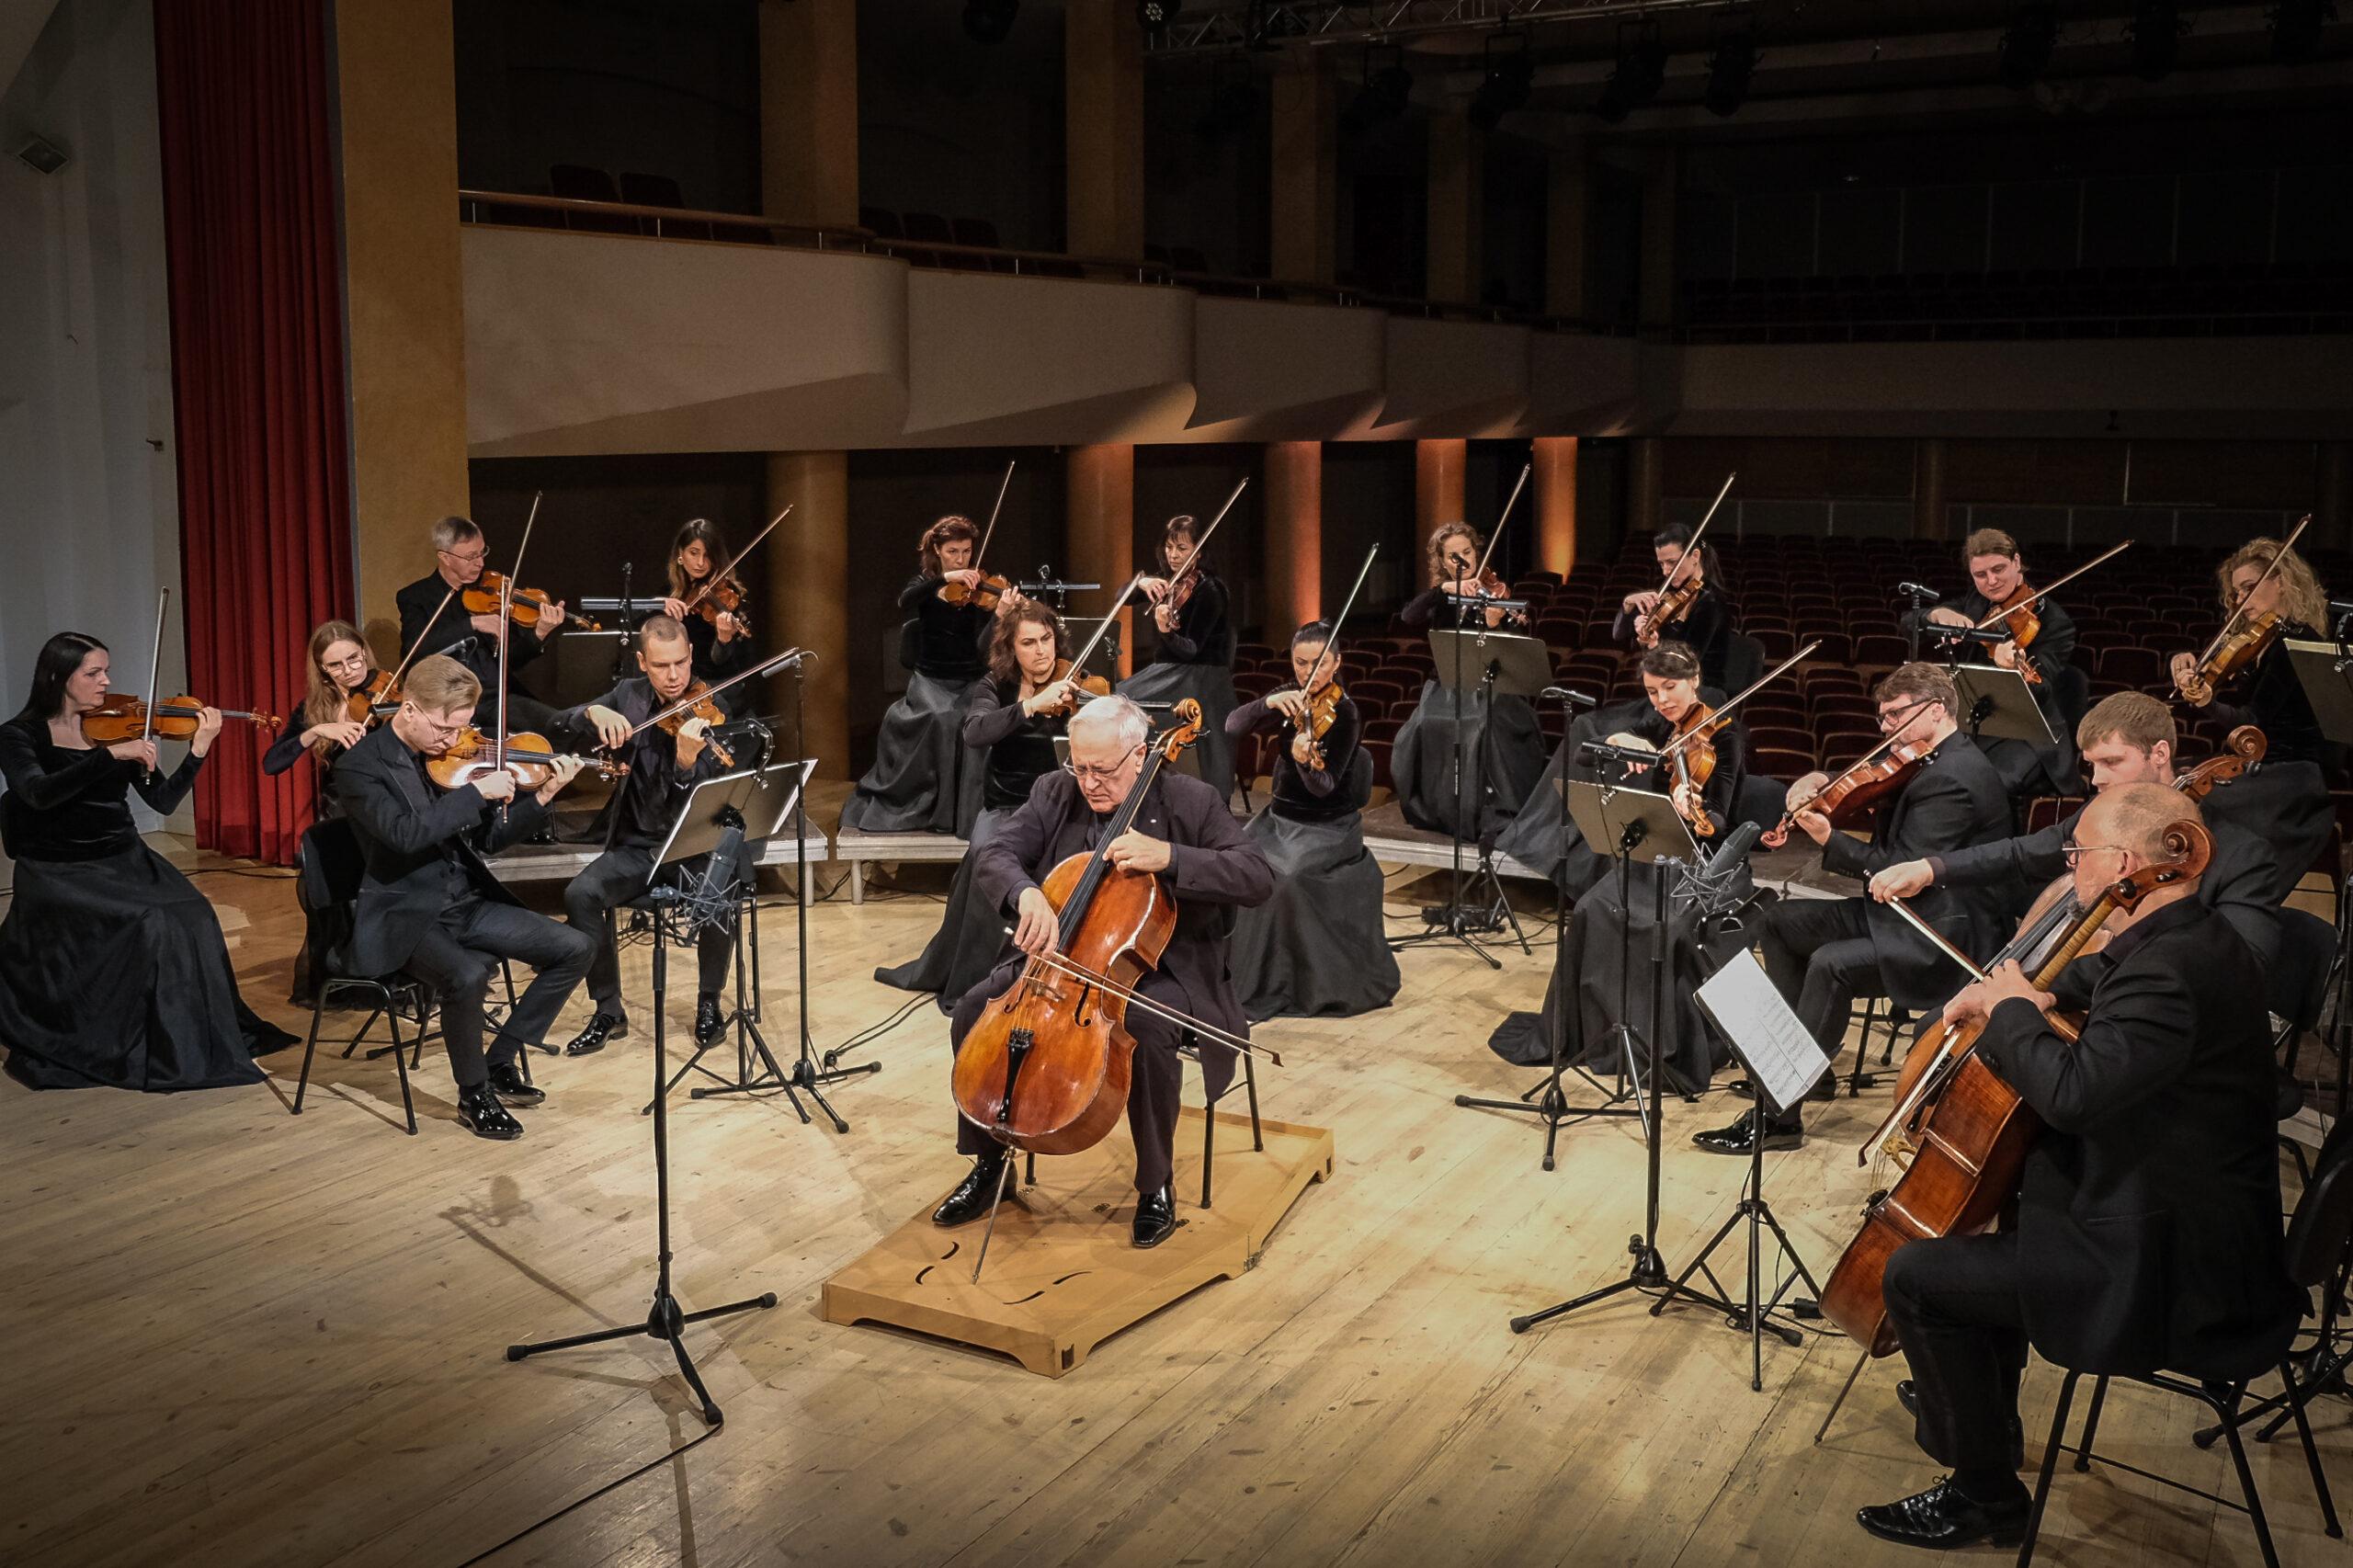 Banga | Klaipėdos kamerinis orkestras pristatys Lietuvą muzikos festivalyje Vokietijoje